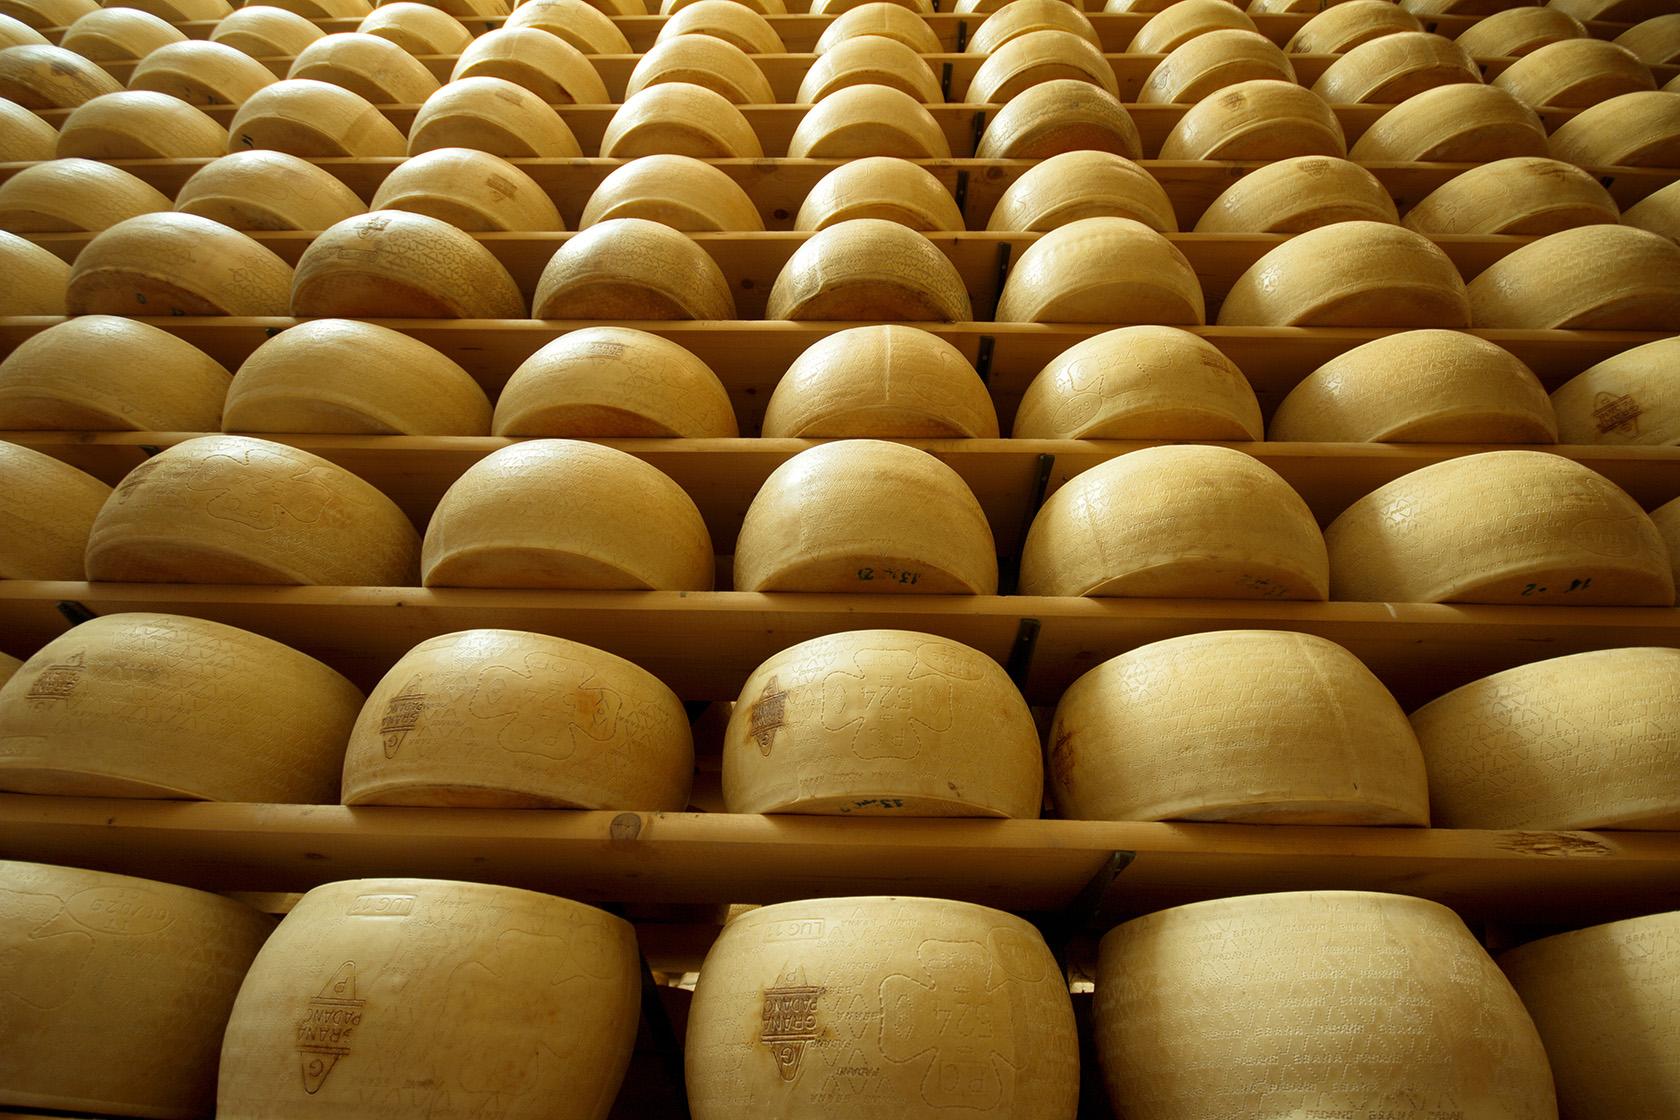 cheesetech è il brand dedicato al modo del lattiero caseario